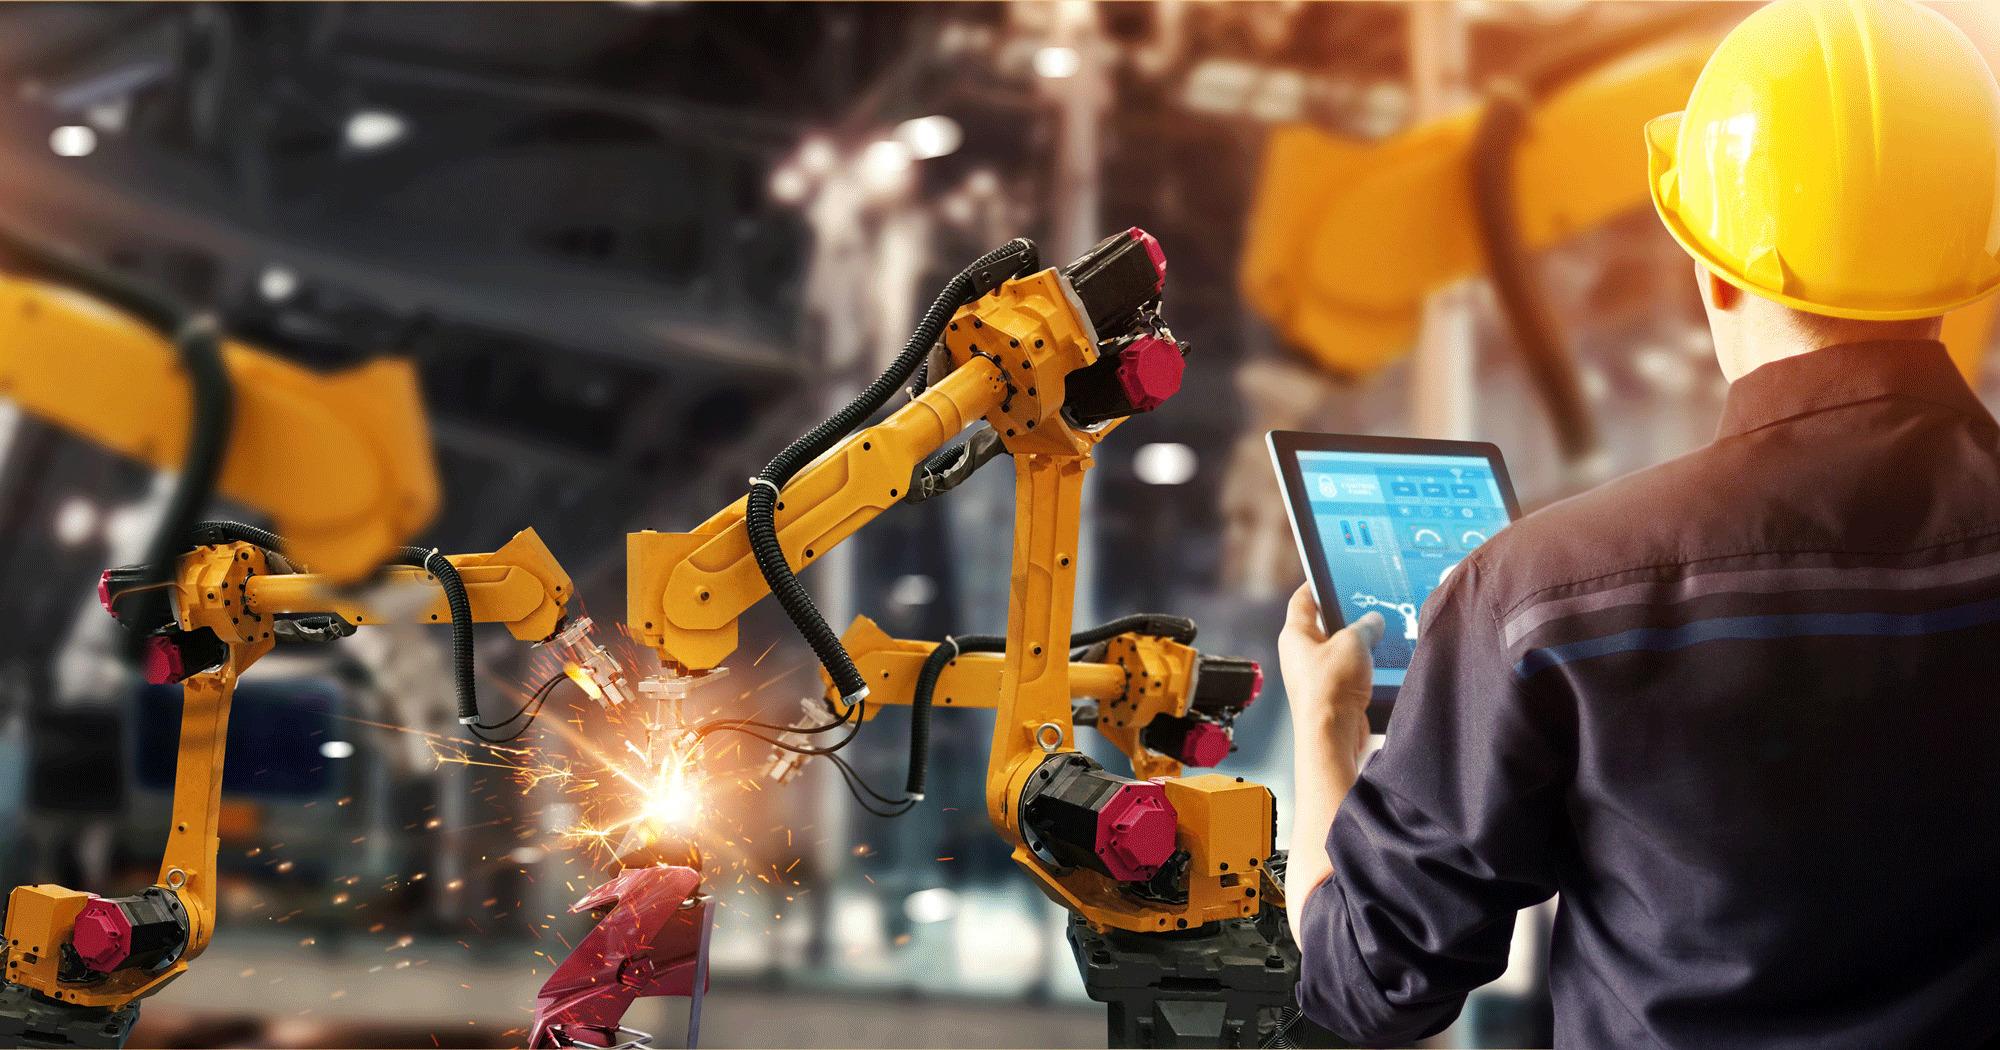 Digital transformation in industry